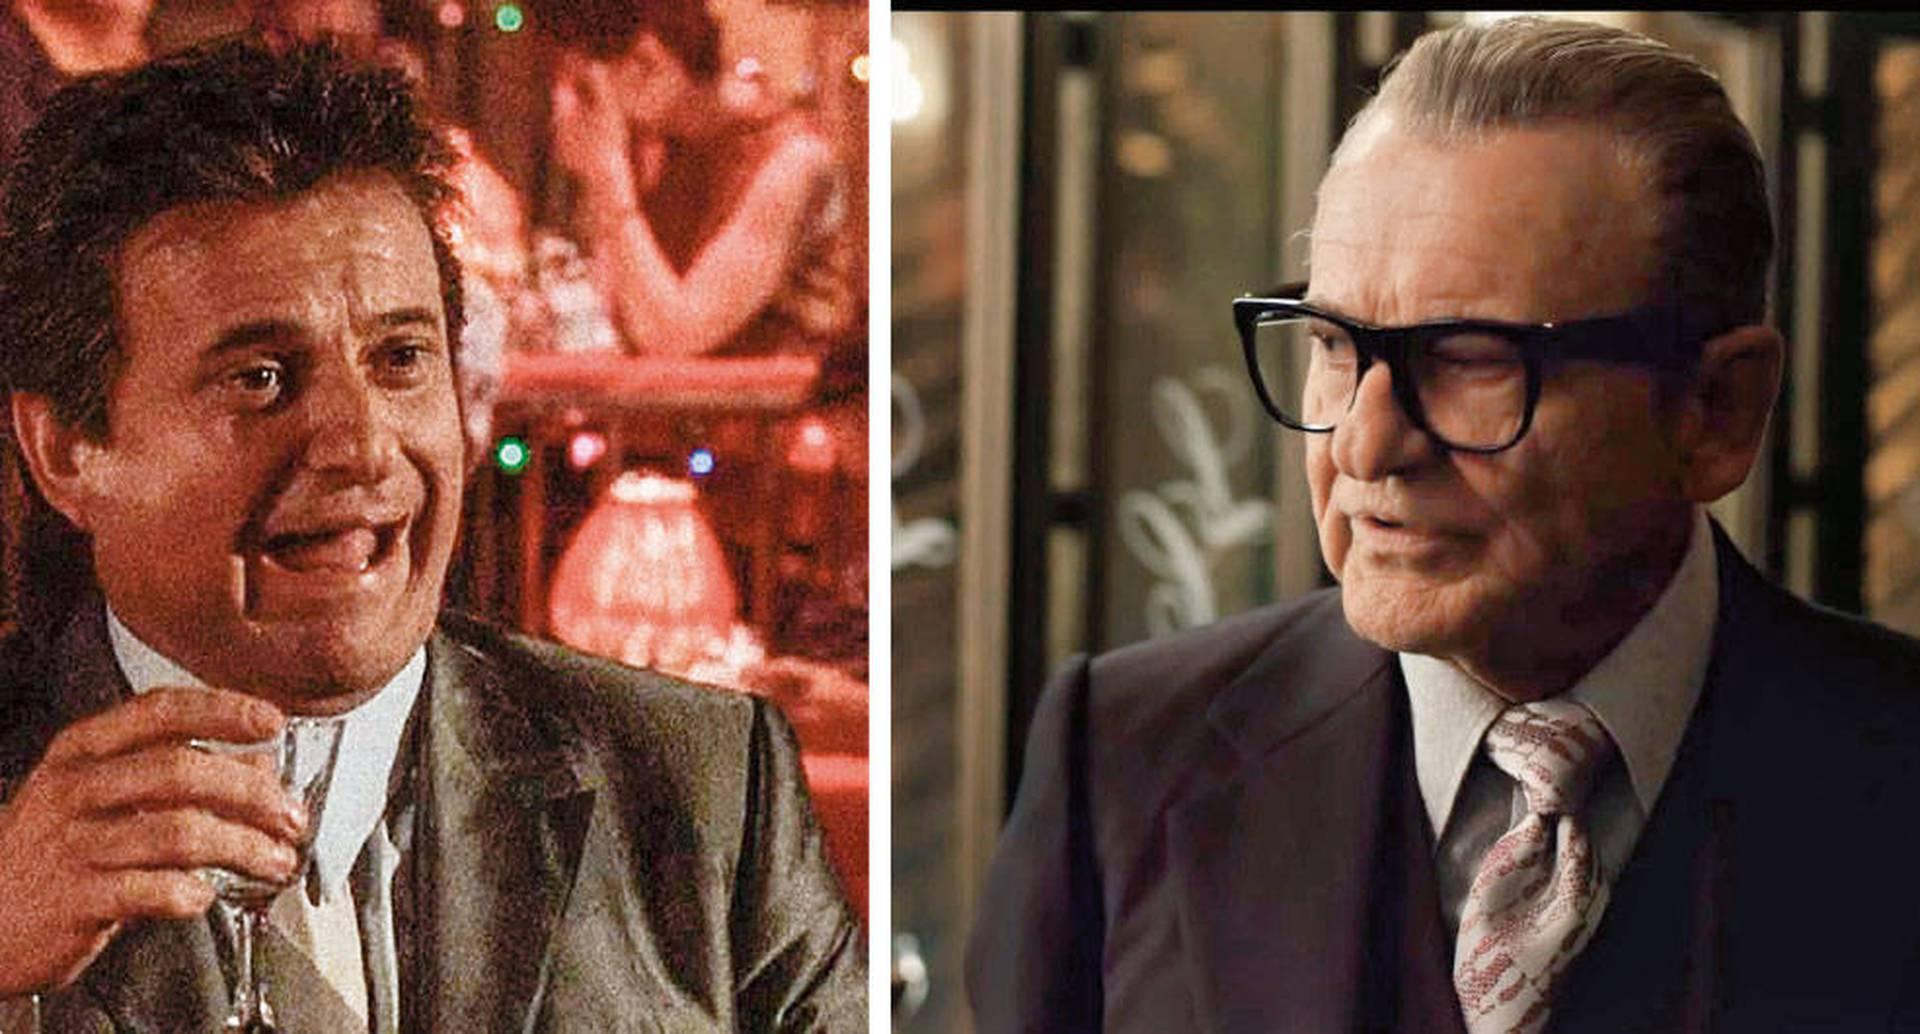 Pesci ganó su primer Óscar por su papel de Tommy DeVito en Buenos muchachos (1990). Ahora podría ganar otro por Russell Bufalino, su rol en El irlandés.